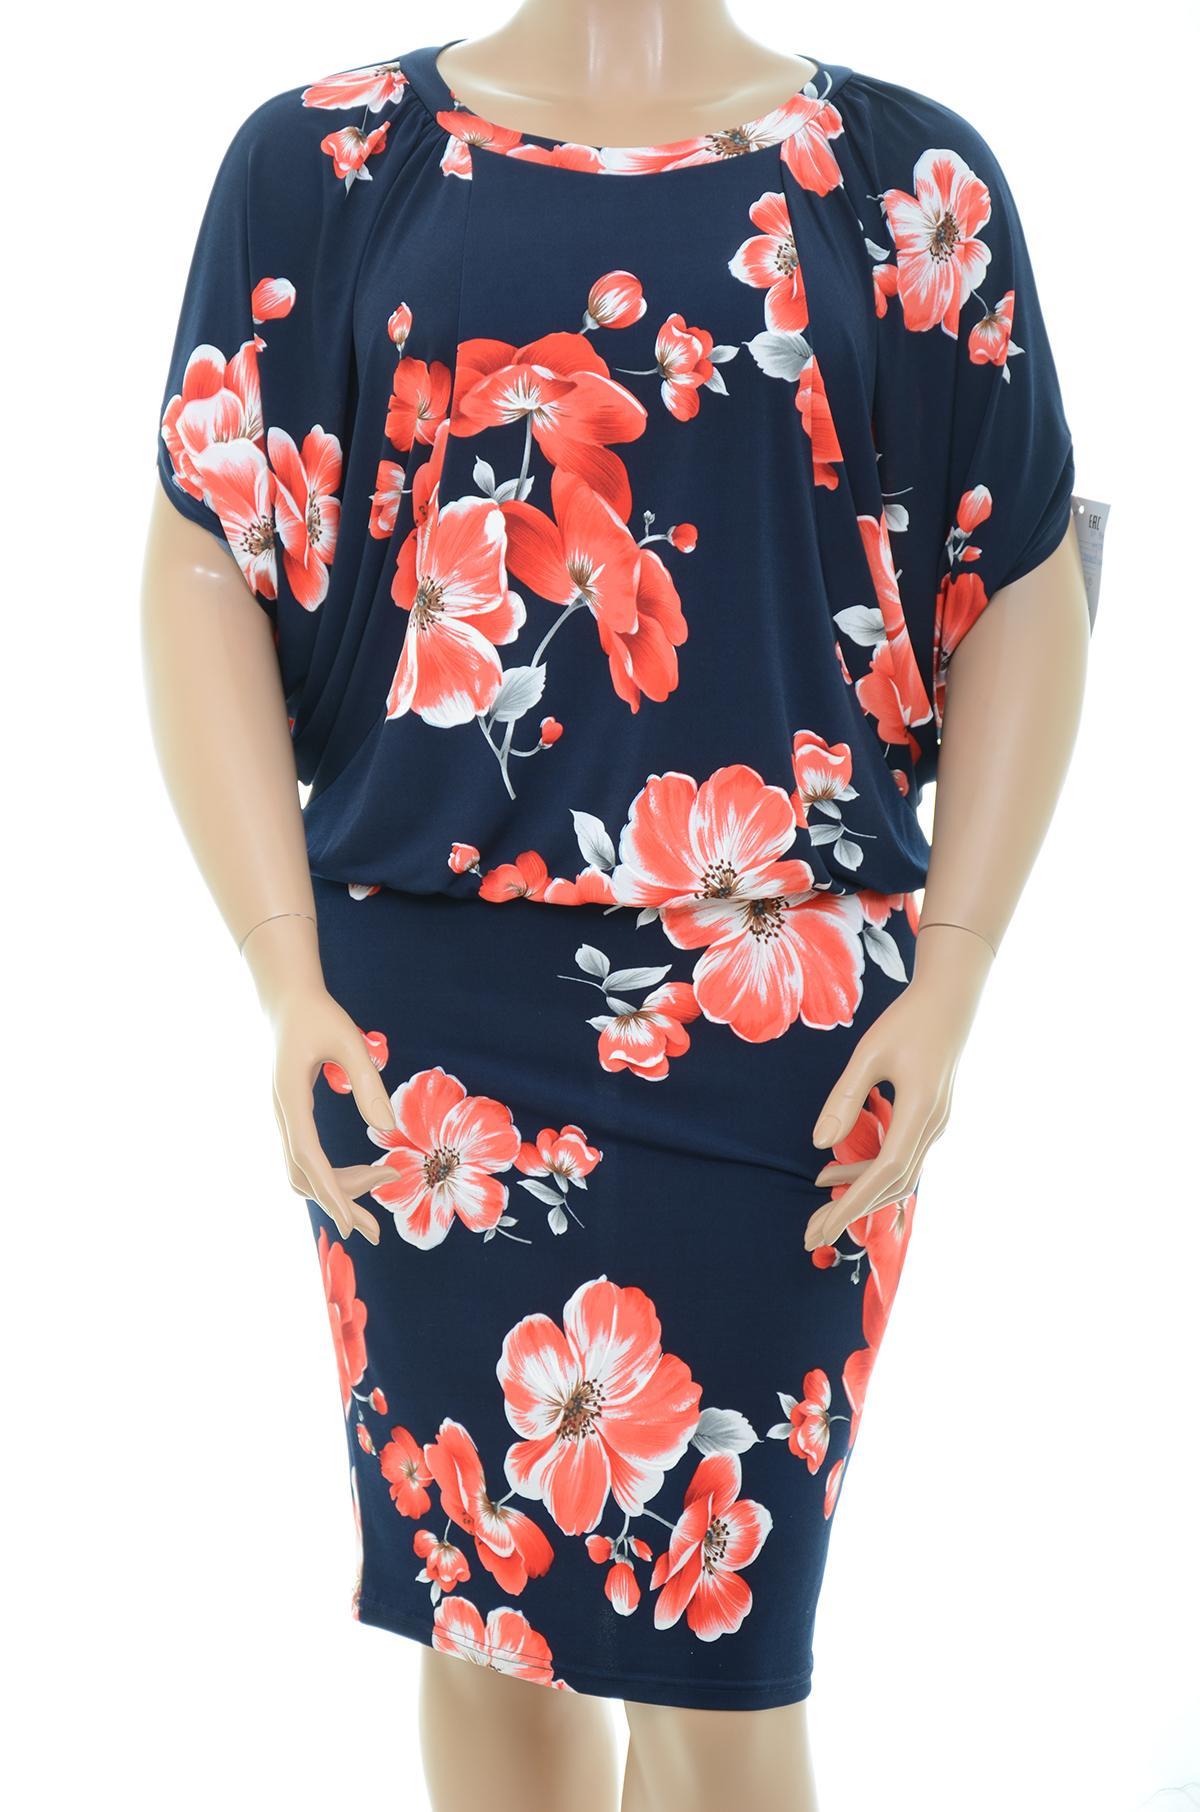 Сбор заказов. Эффектная, элегантная и модная женская одежда от компании , размеры с 44 по 60. Огромная распродажа от 450 руб.